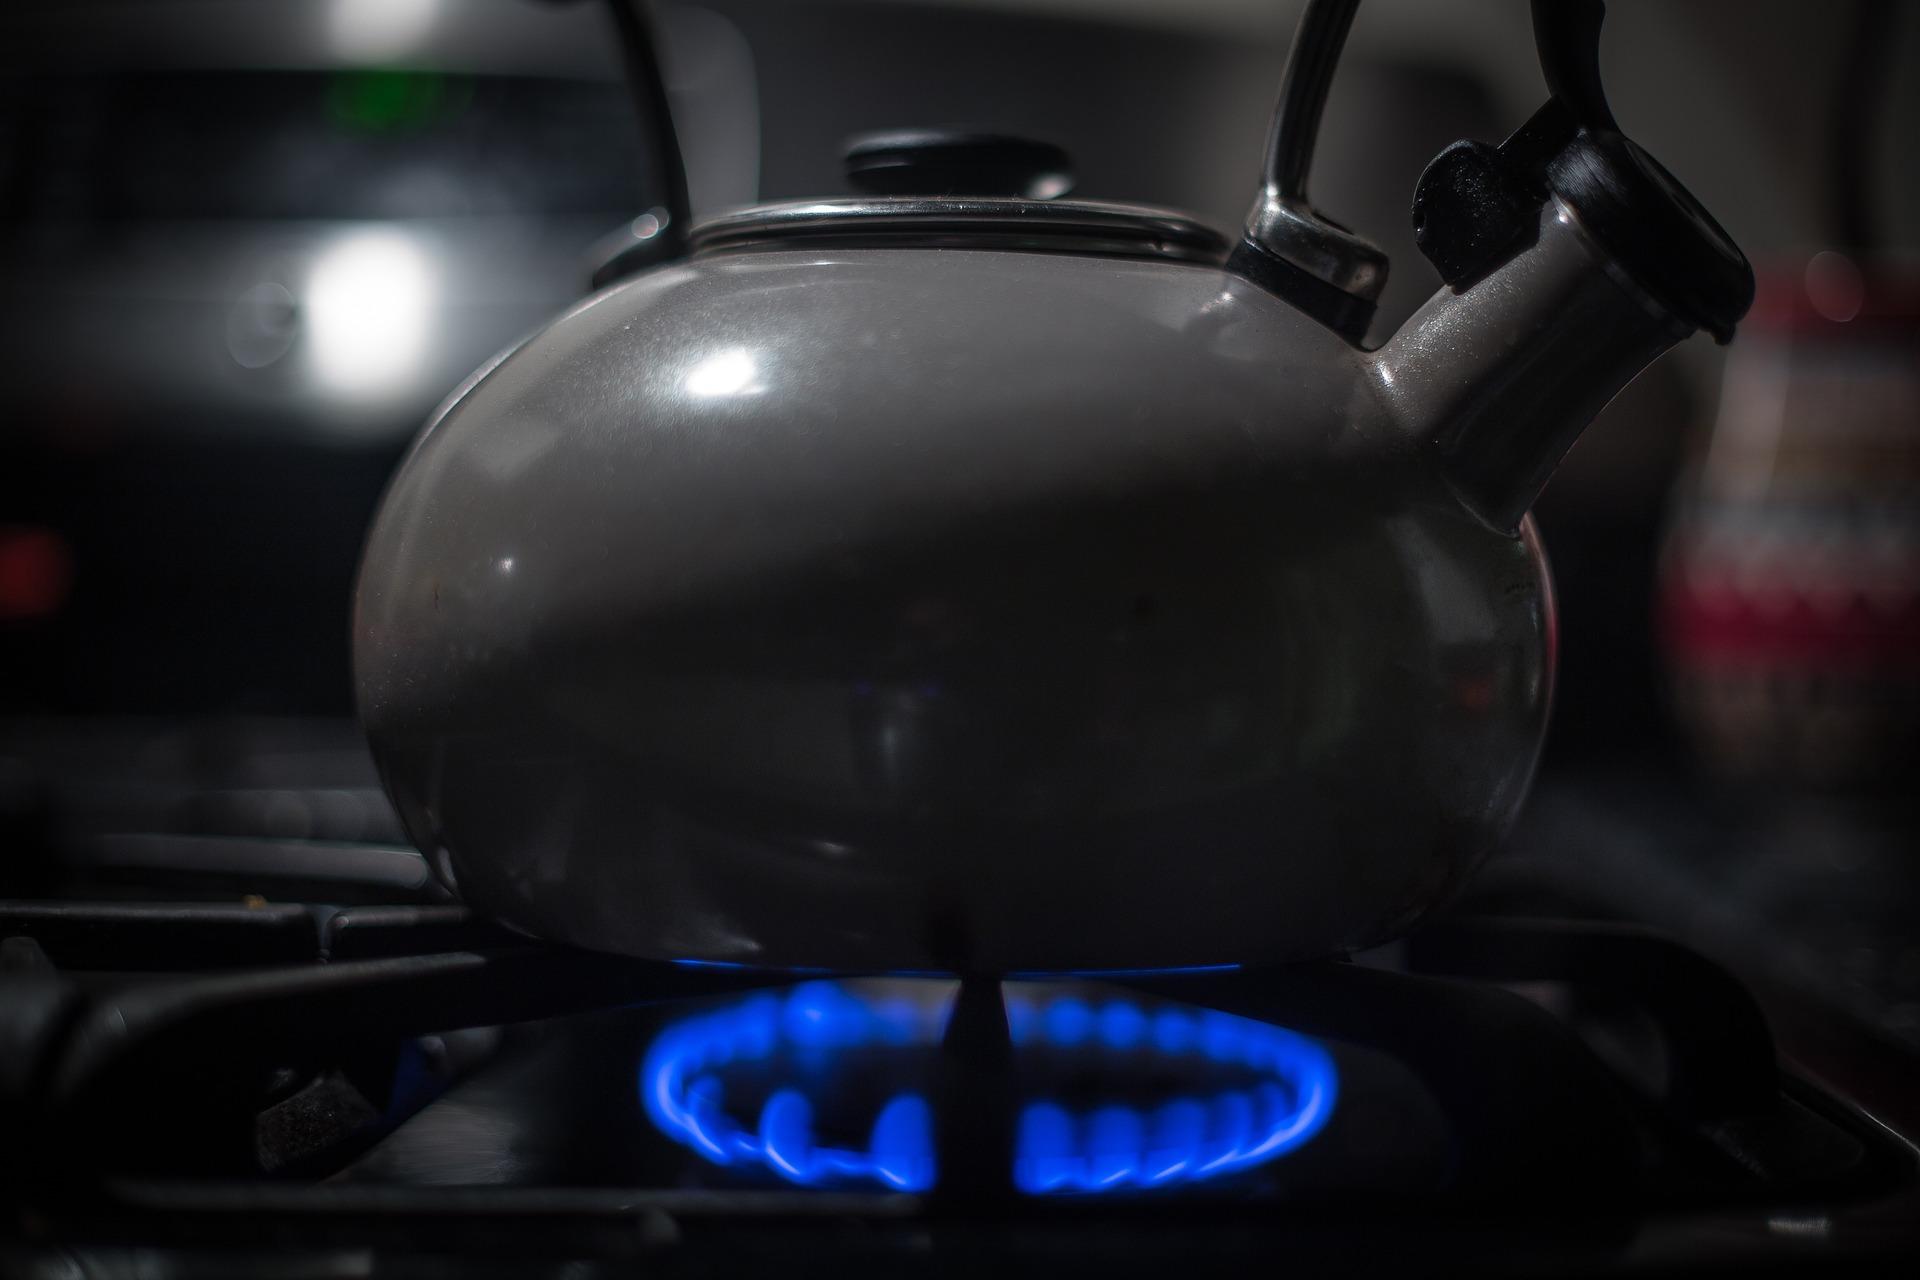 По 7,99 грн за куб газу платитимемо до травня 2022 року. Які річні ціни оприлюднили постачальники газу?